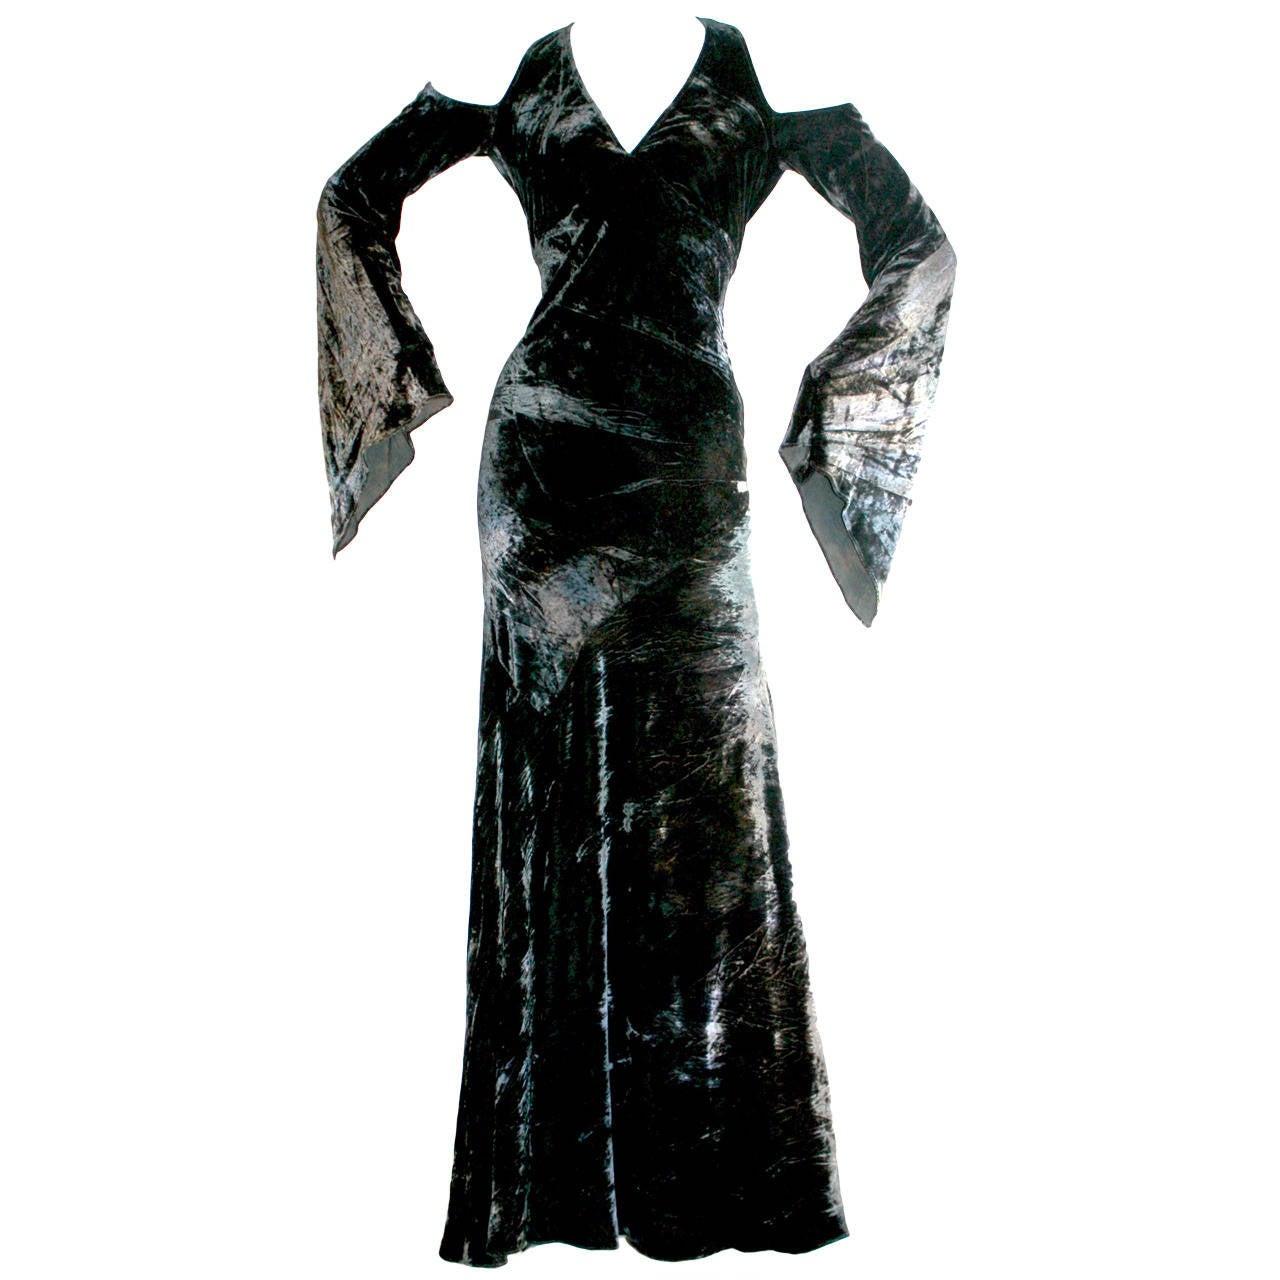 Vintage Donna Karan Ombré Crushed Velvet Blue & Green Open Back Runway Gown 1